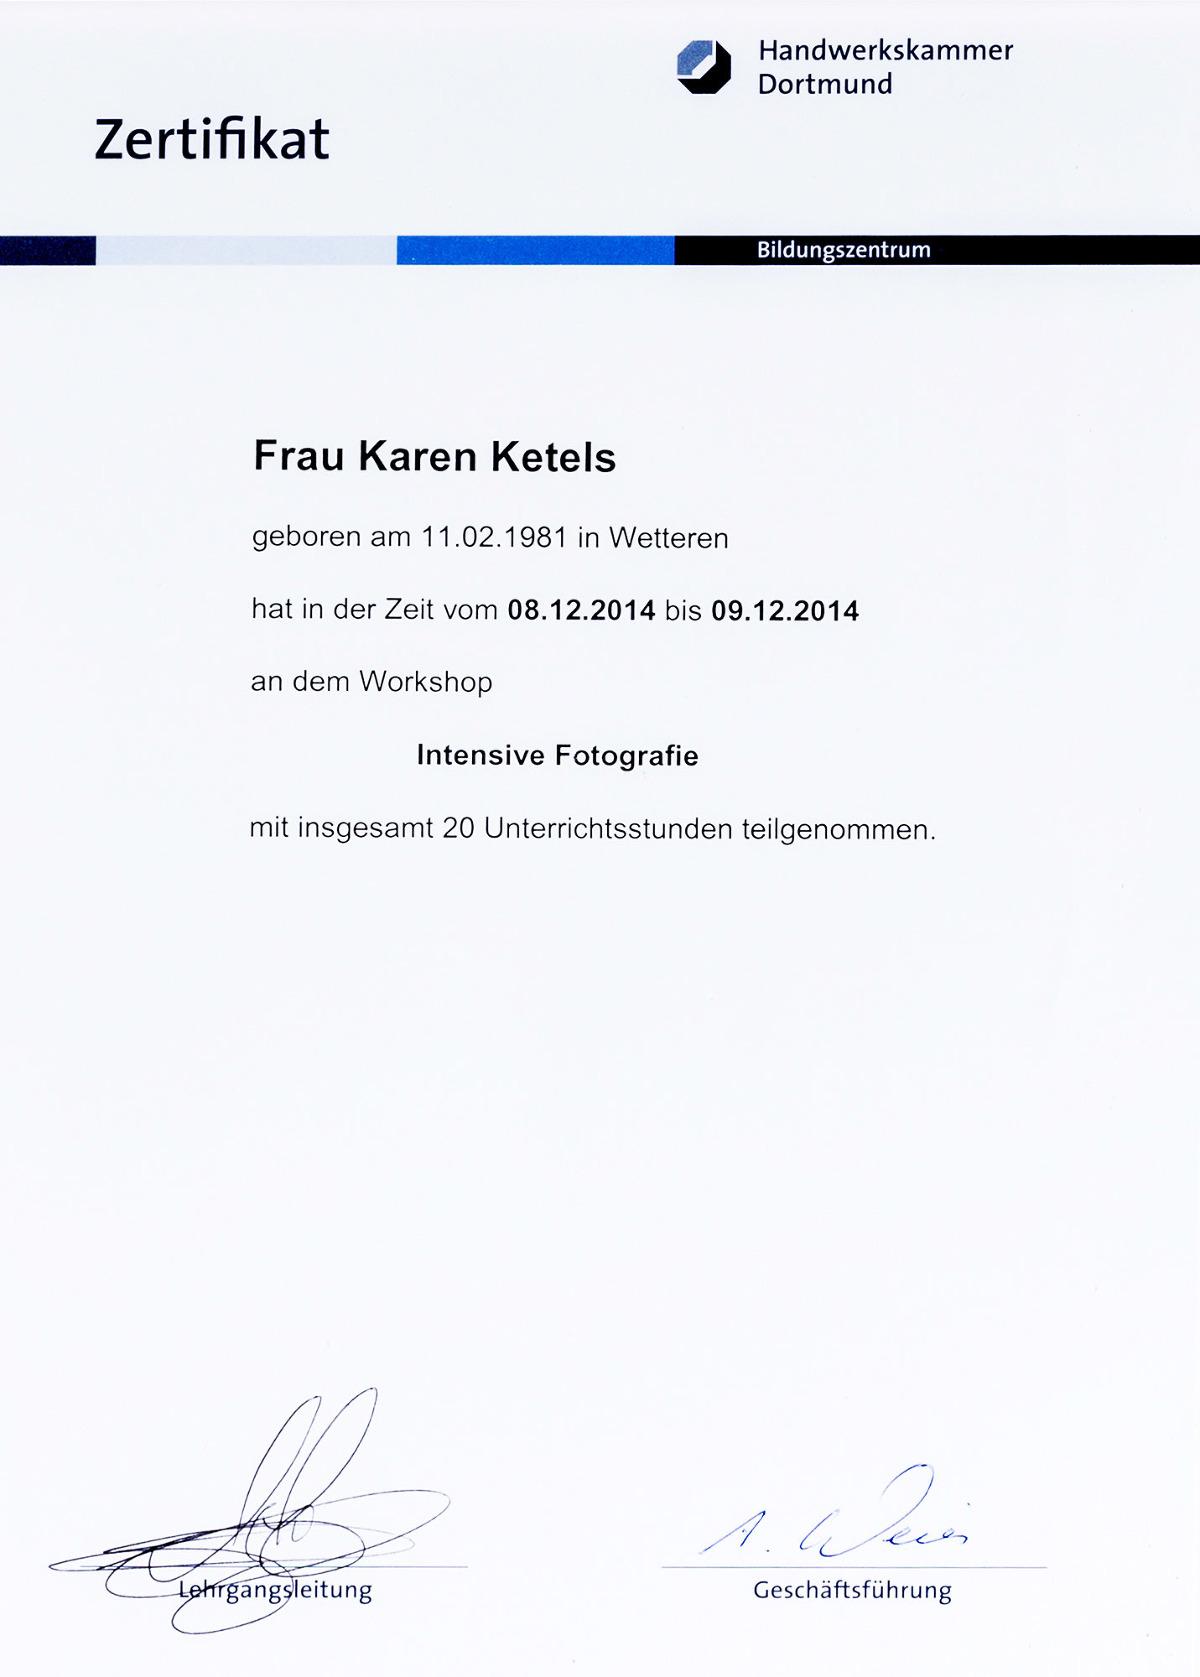 Karen Ketels zertifikat masterclass Andy Hens, Handwerkskammer Dortmund 2014